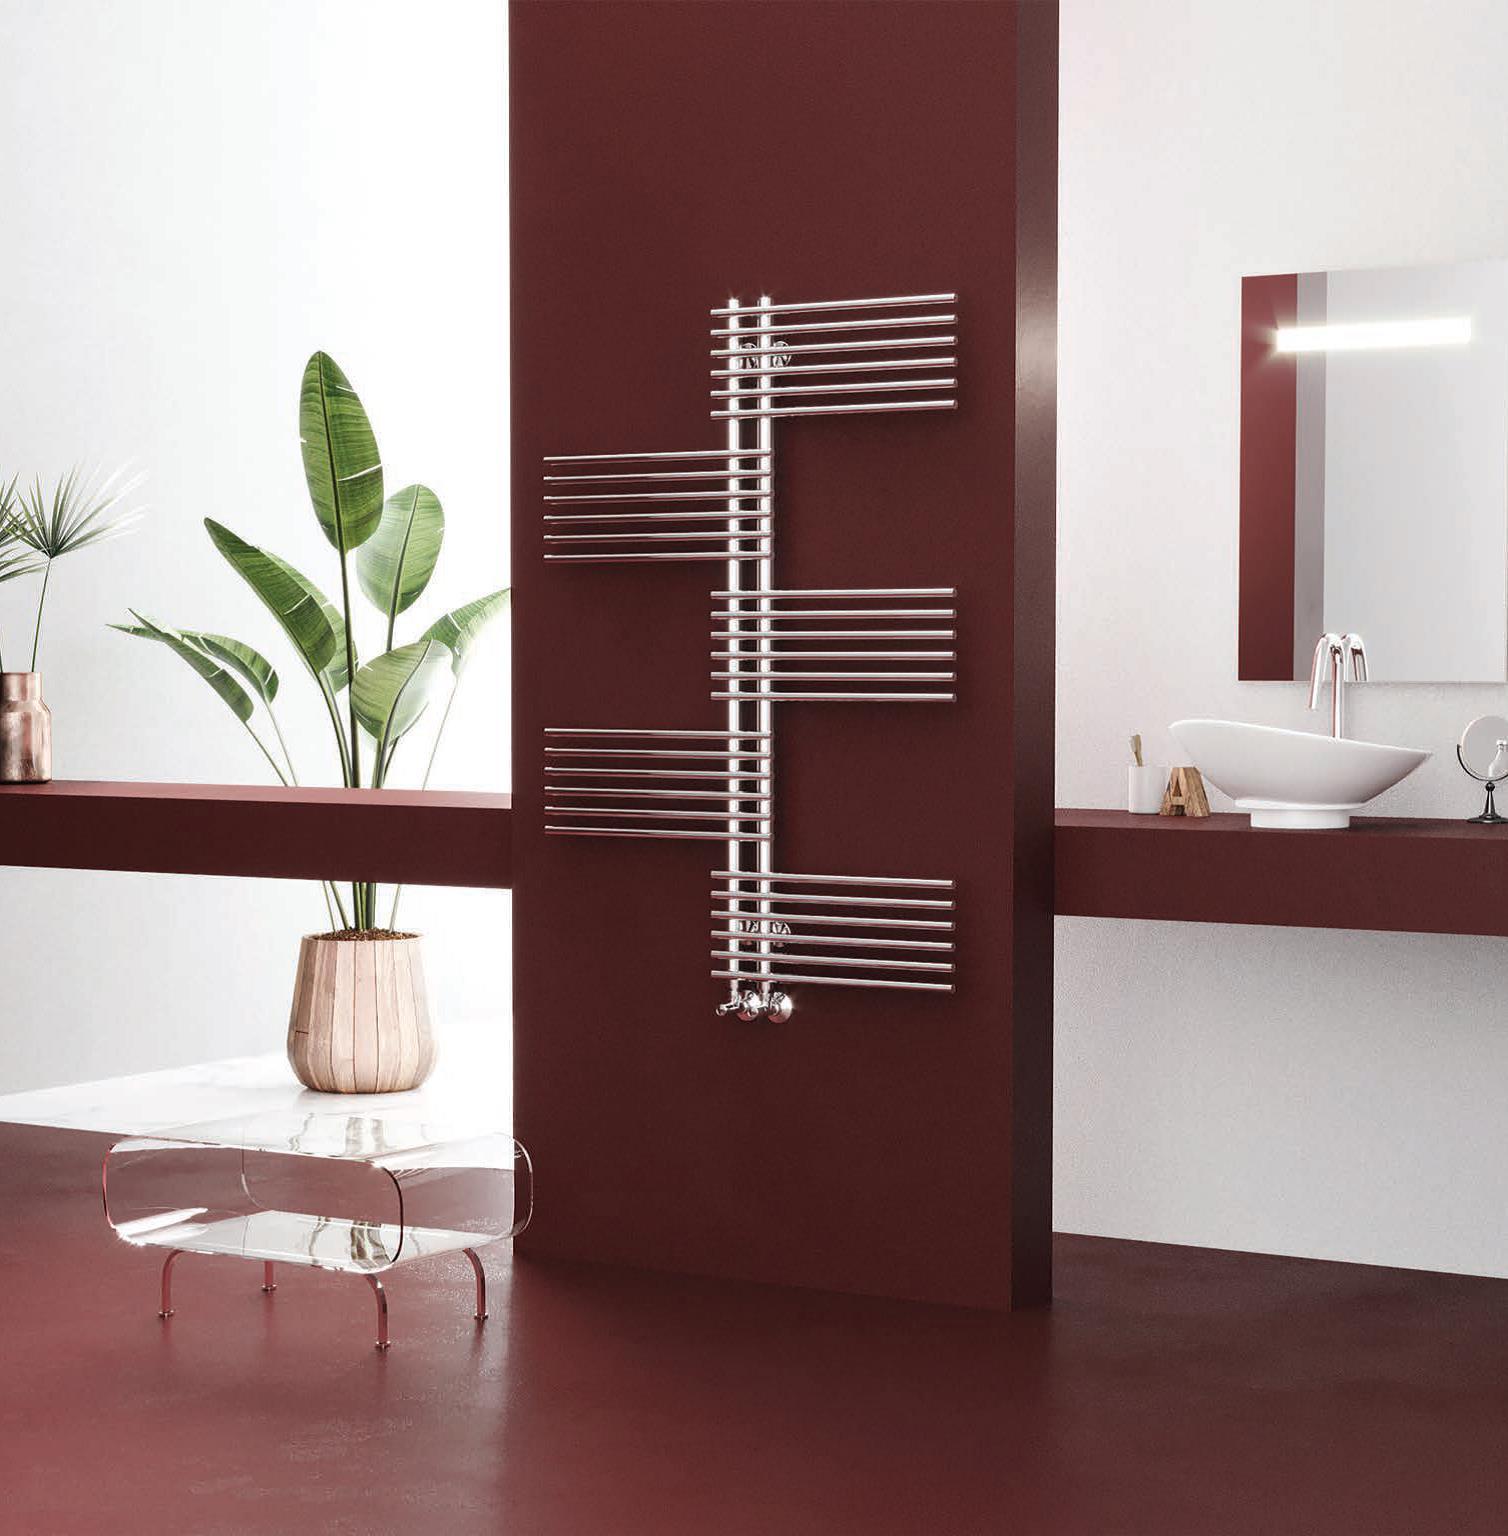 Рейтинг водяных полотенцесушителей: 12 лучших моделей разных форм и материалов